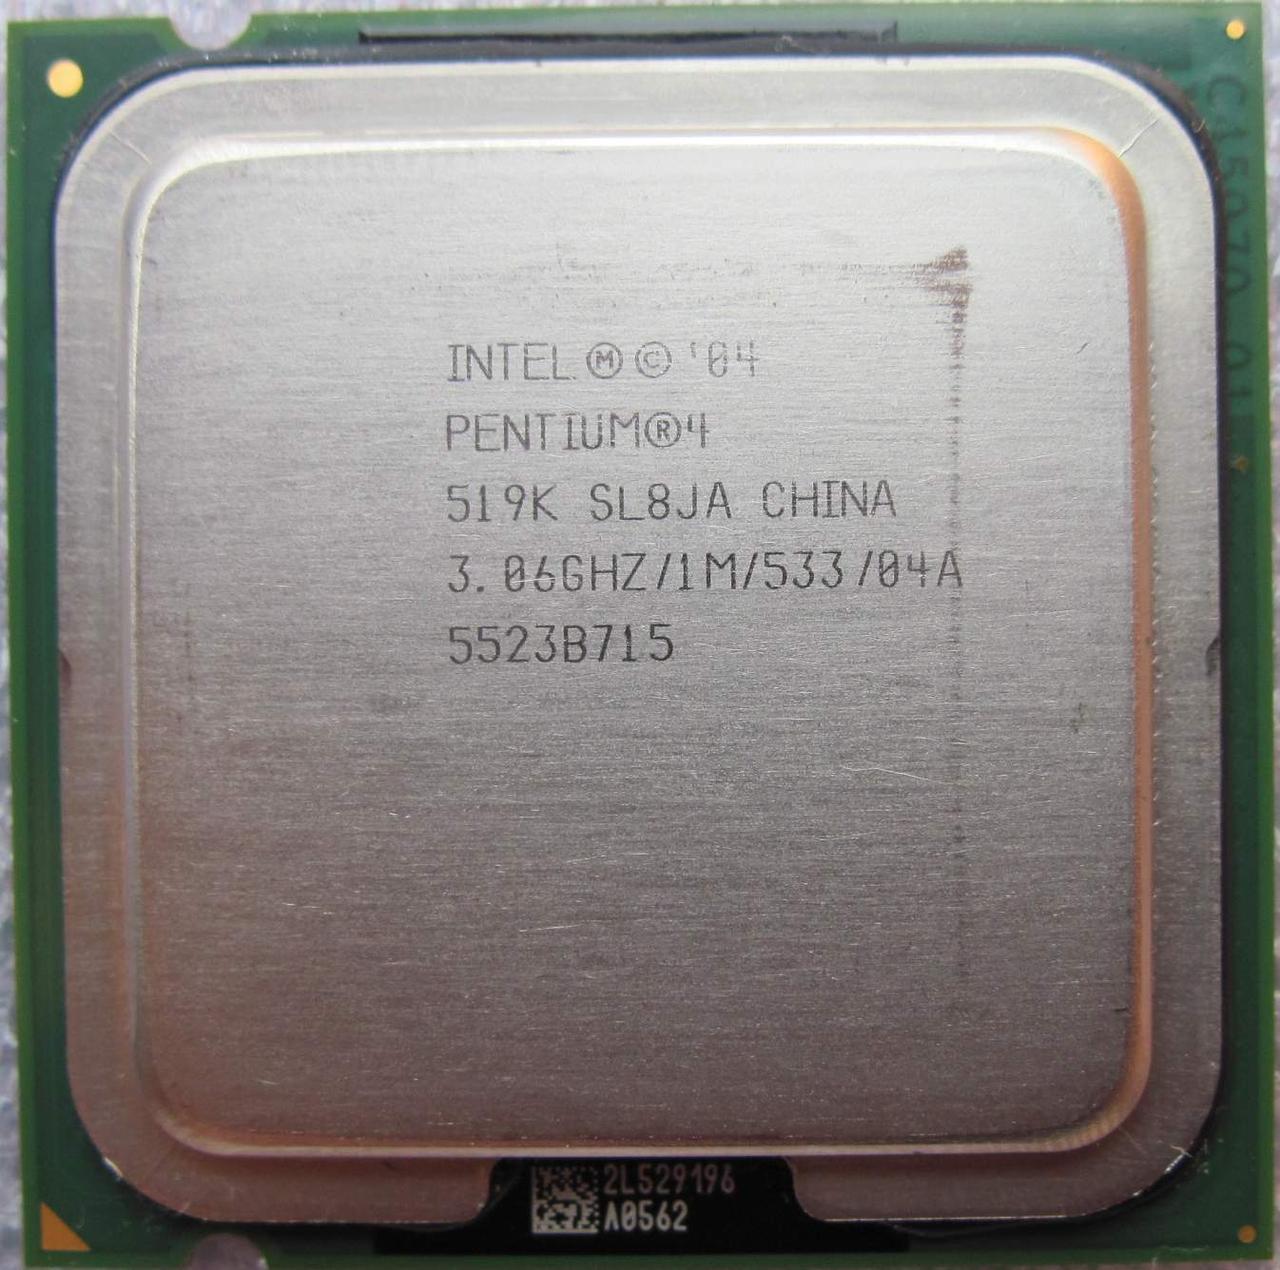 Процессор Intel Pentium 4 519K 3.06GHz/1M/533 (SL8JA) s775, tray